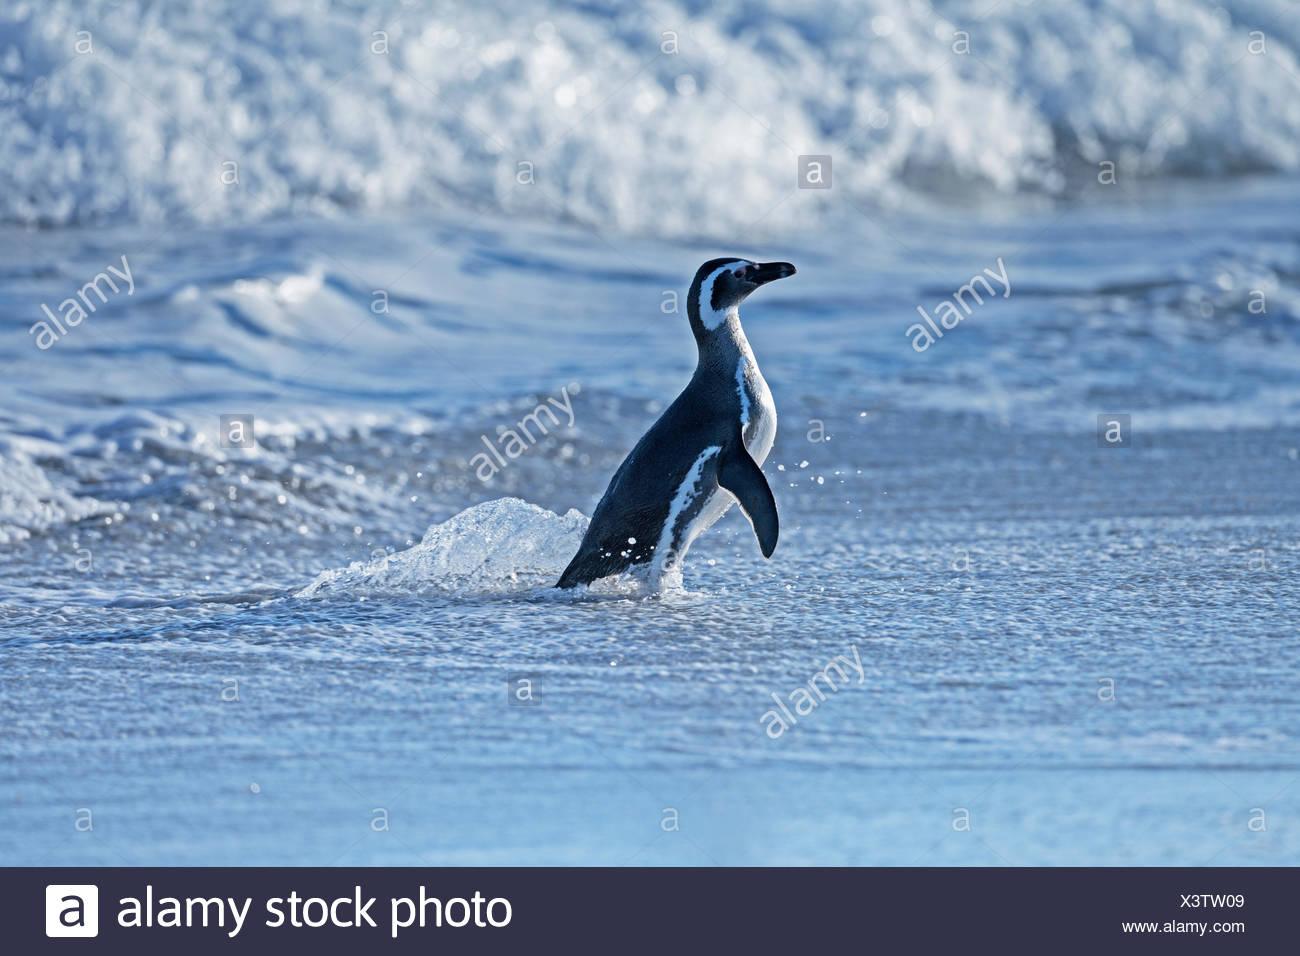 Pingüino de Magallanes (Spheniscus magellanicus) que sale del agua, Sea Lion Island, en el Atlántico Sur, Islas Malvinas Foto de stock